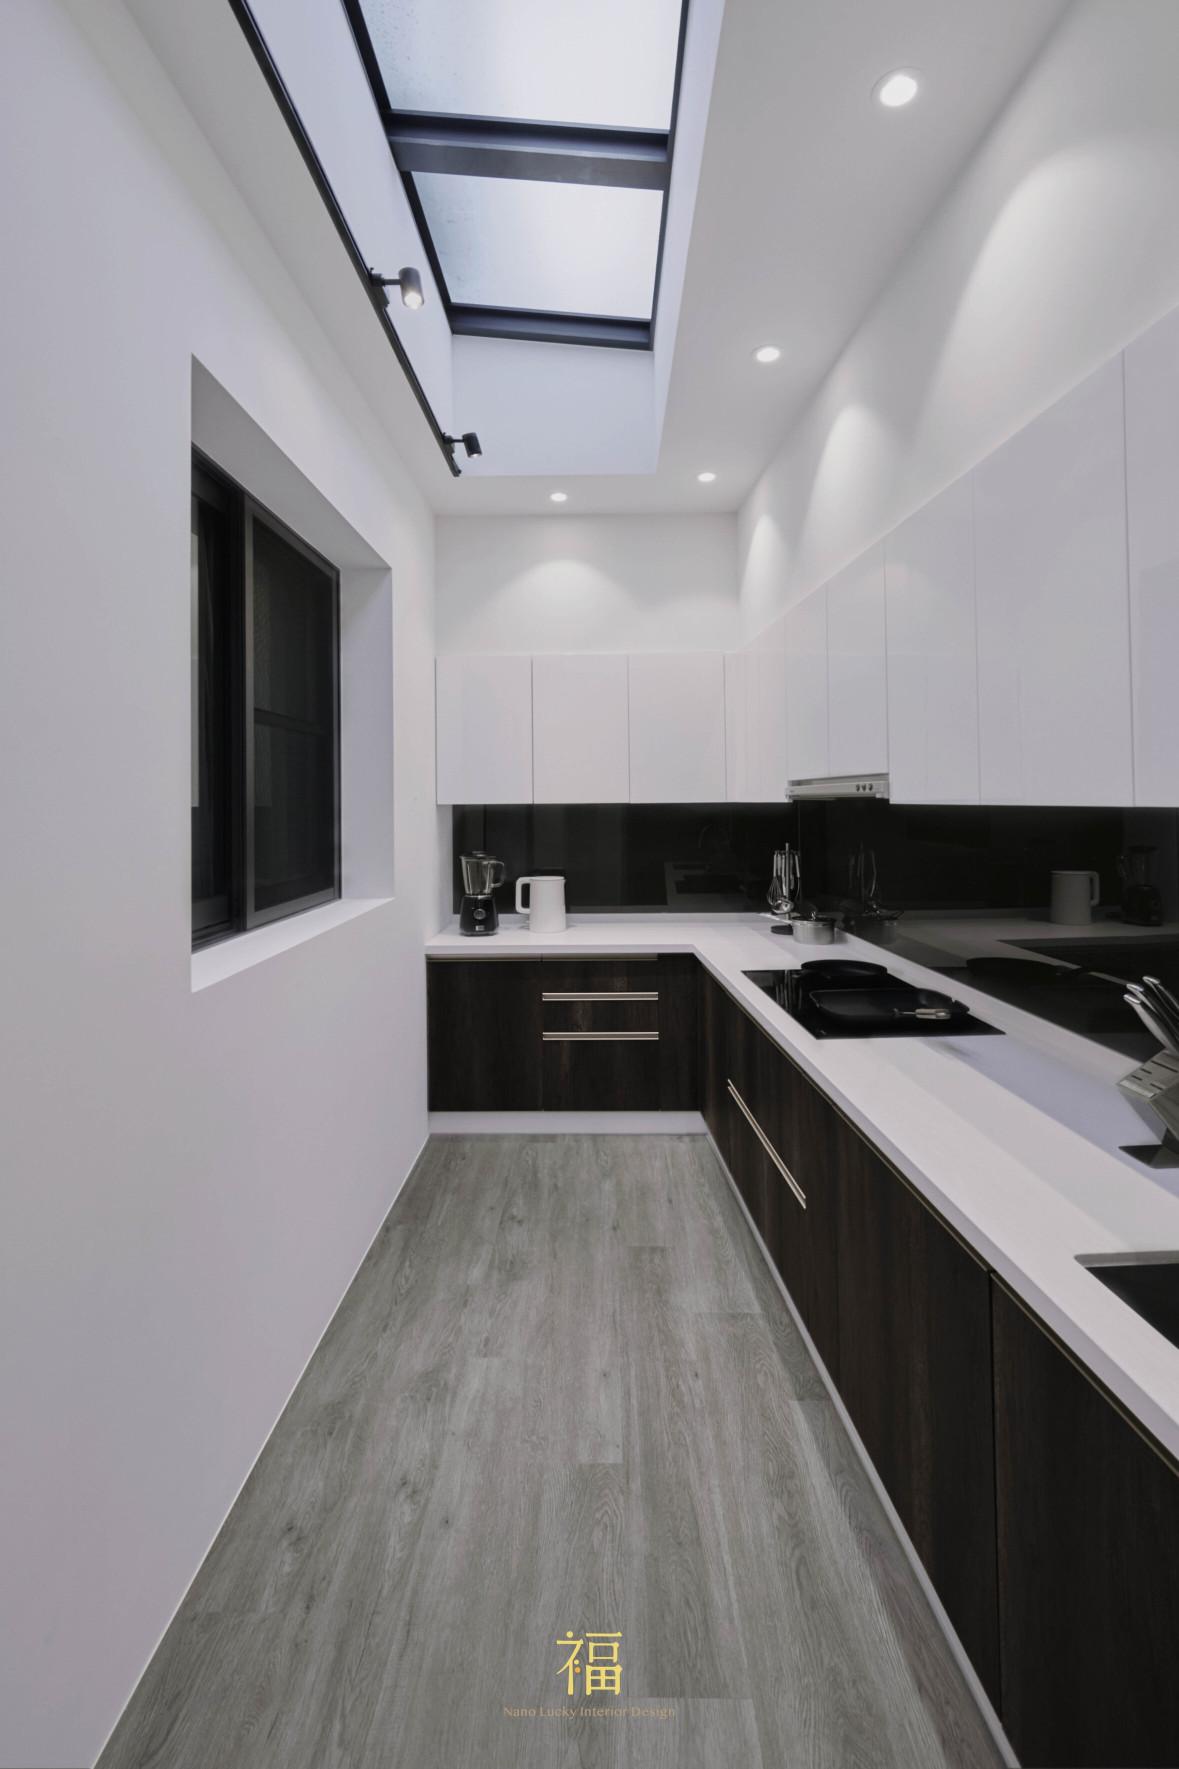 福宅雅居|簡約配搭廚房|嘉義住宅空間設計